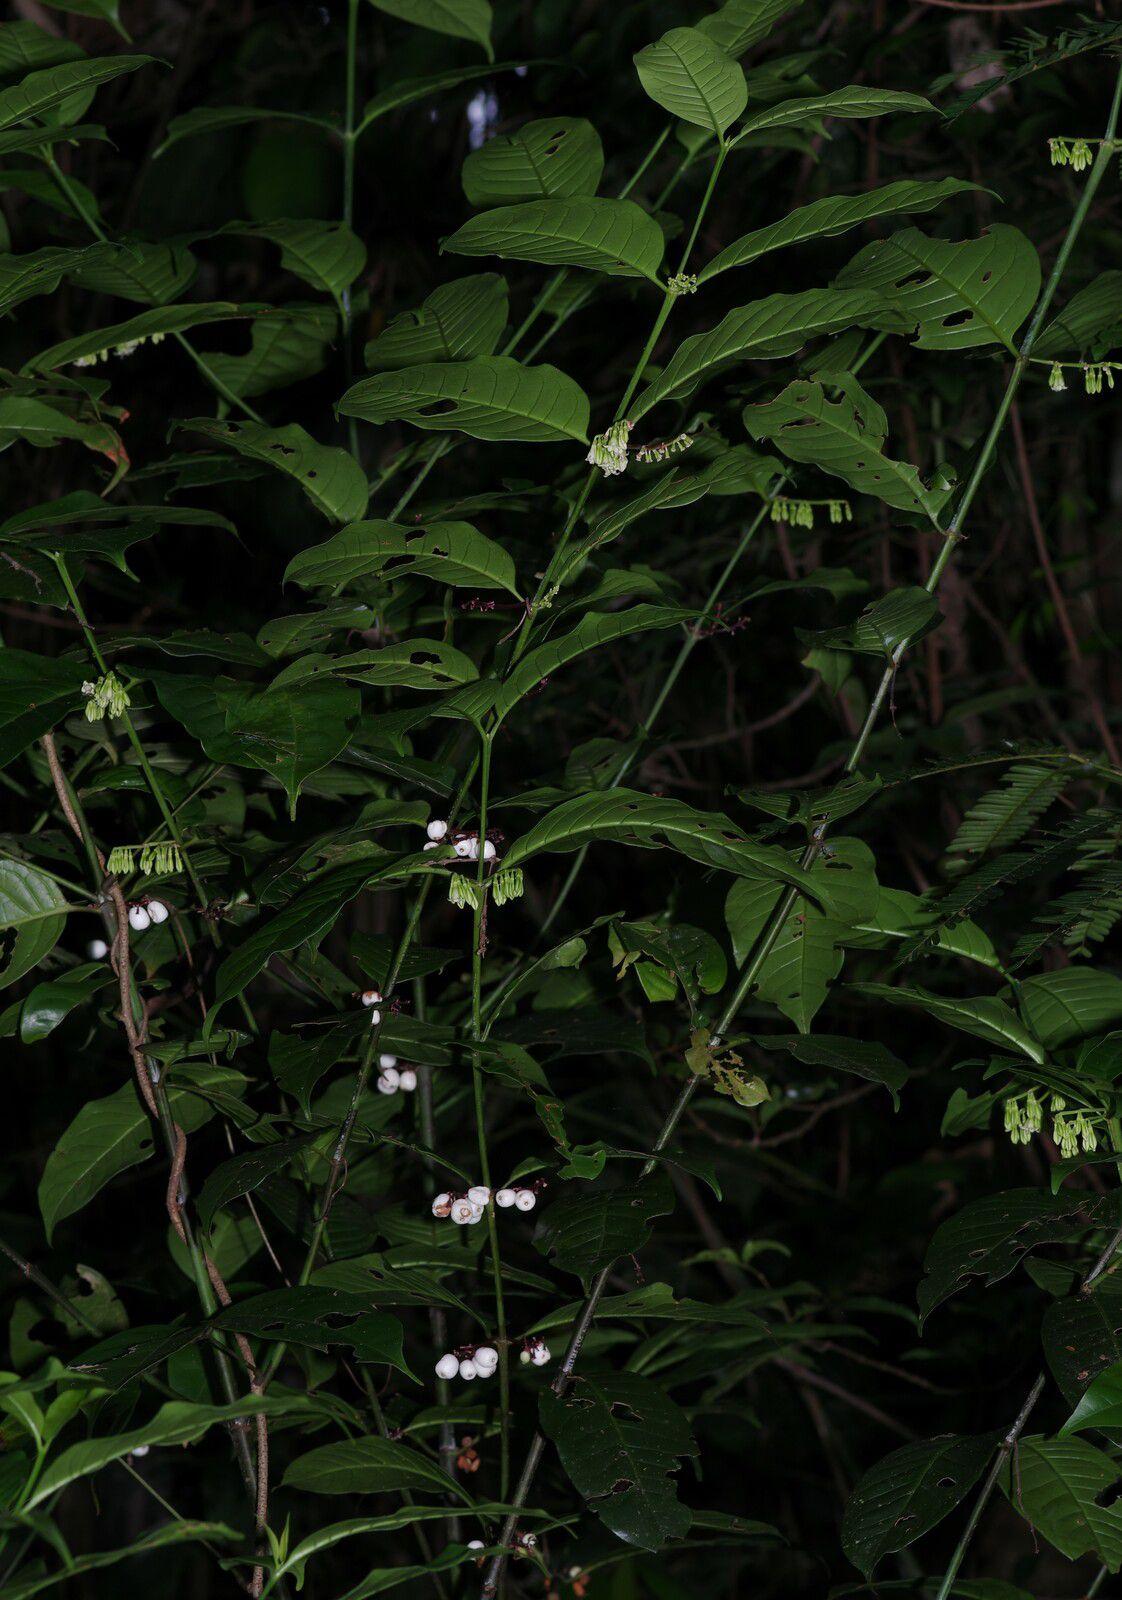 Chiococca nitida var. nitida